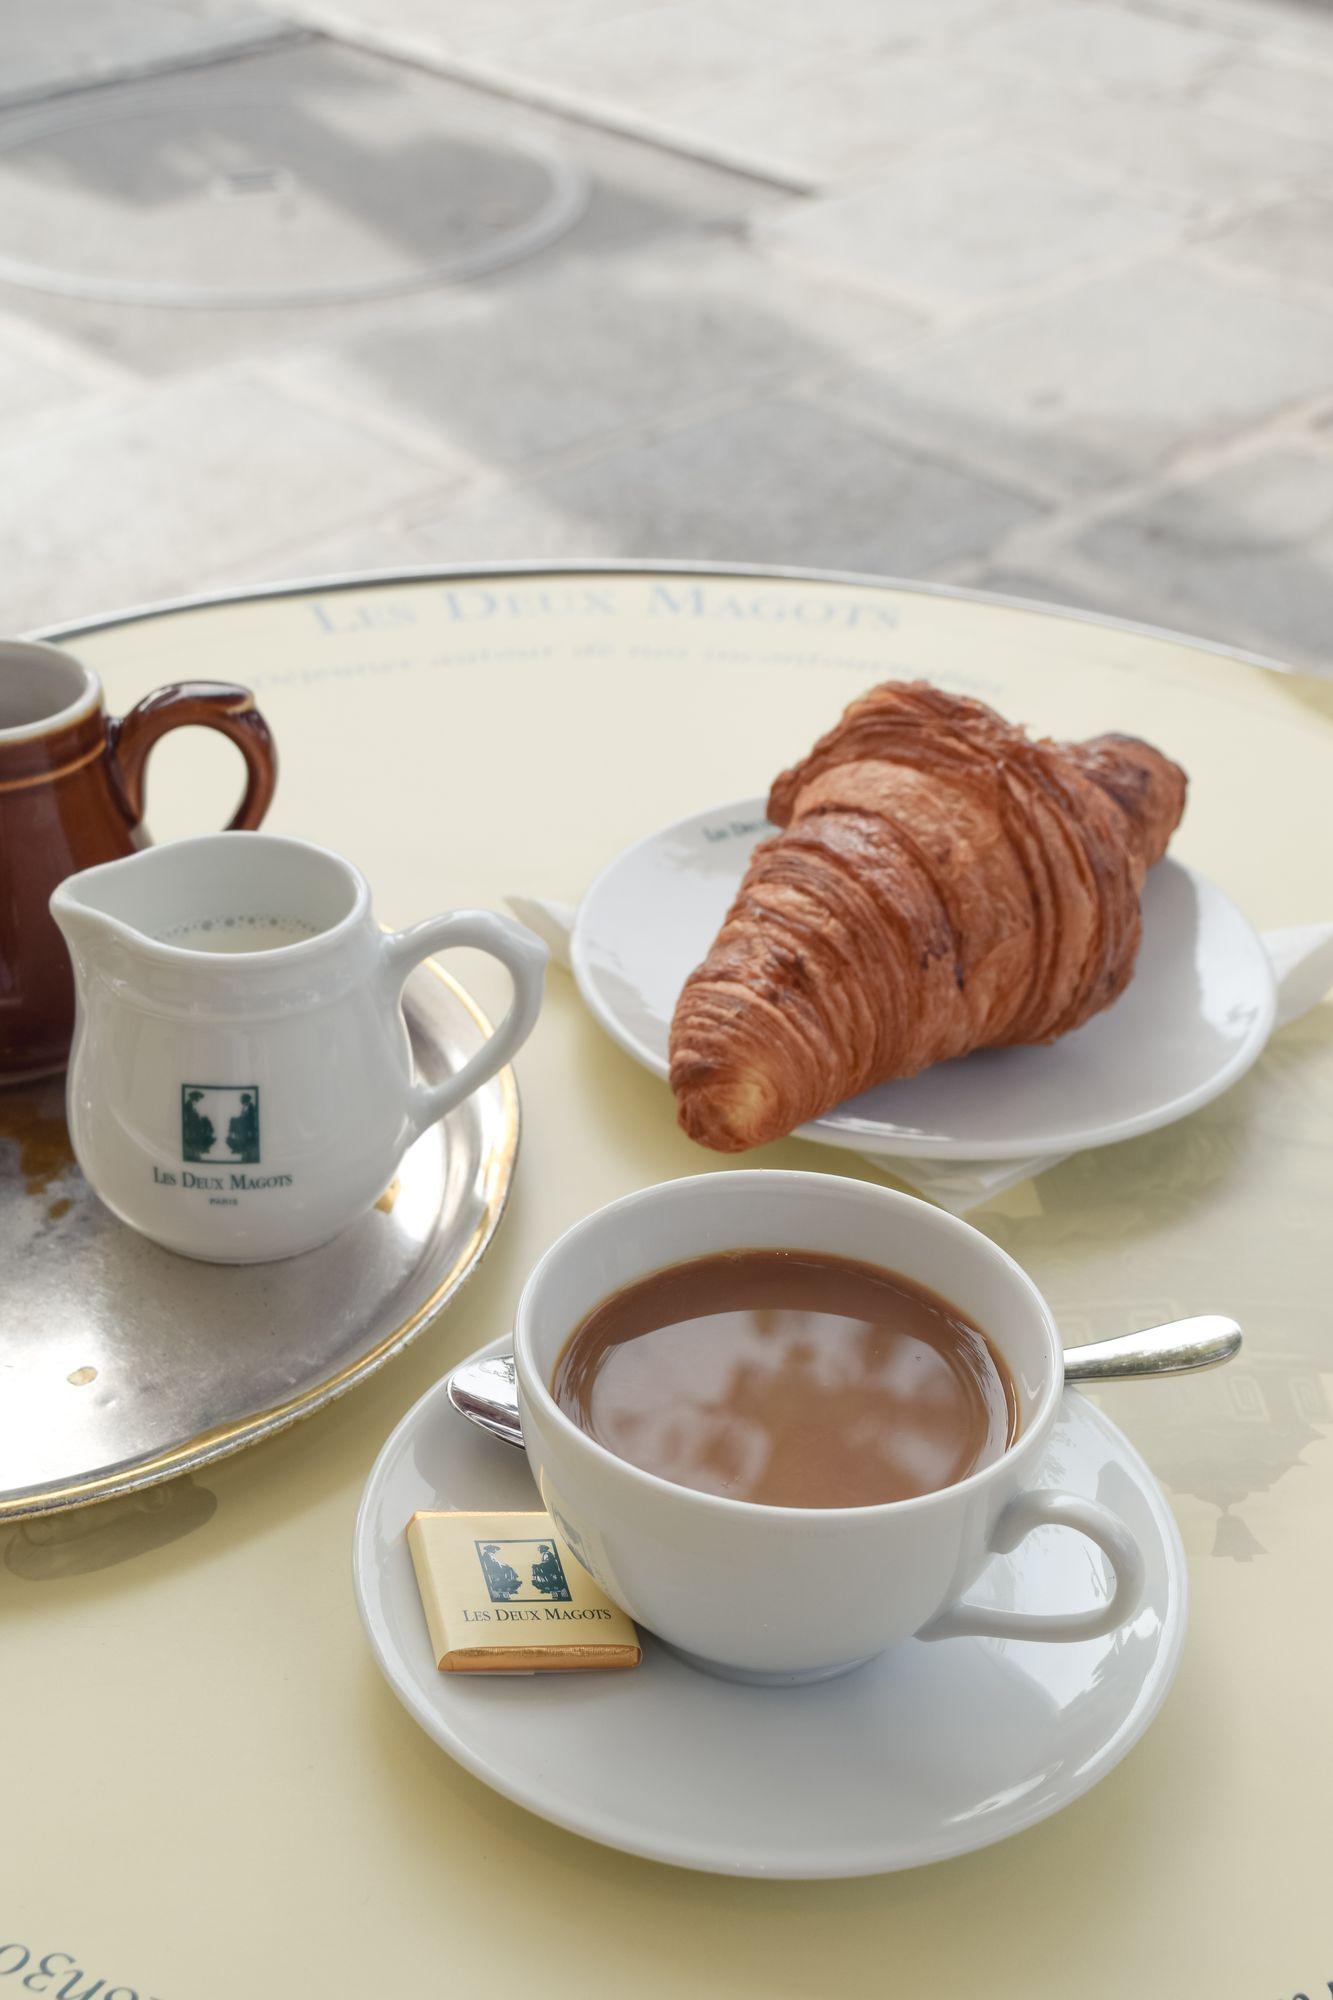 Coffee and croissant at Les Deux Magots, Paris